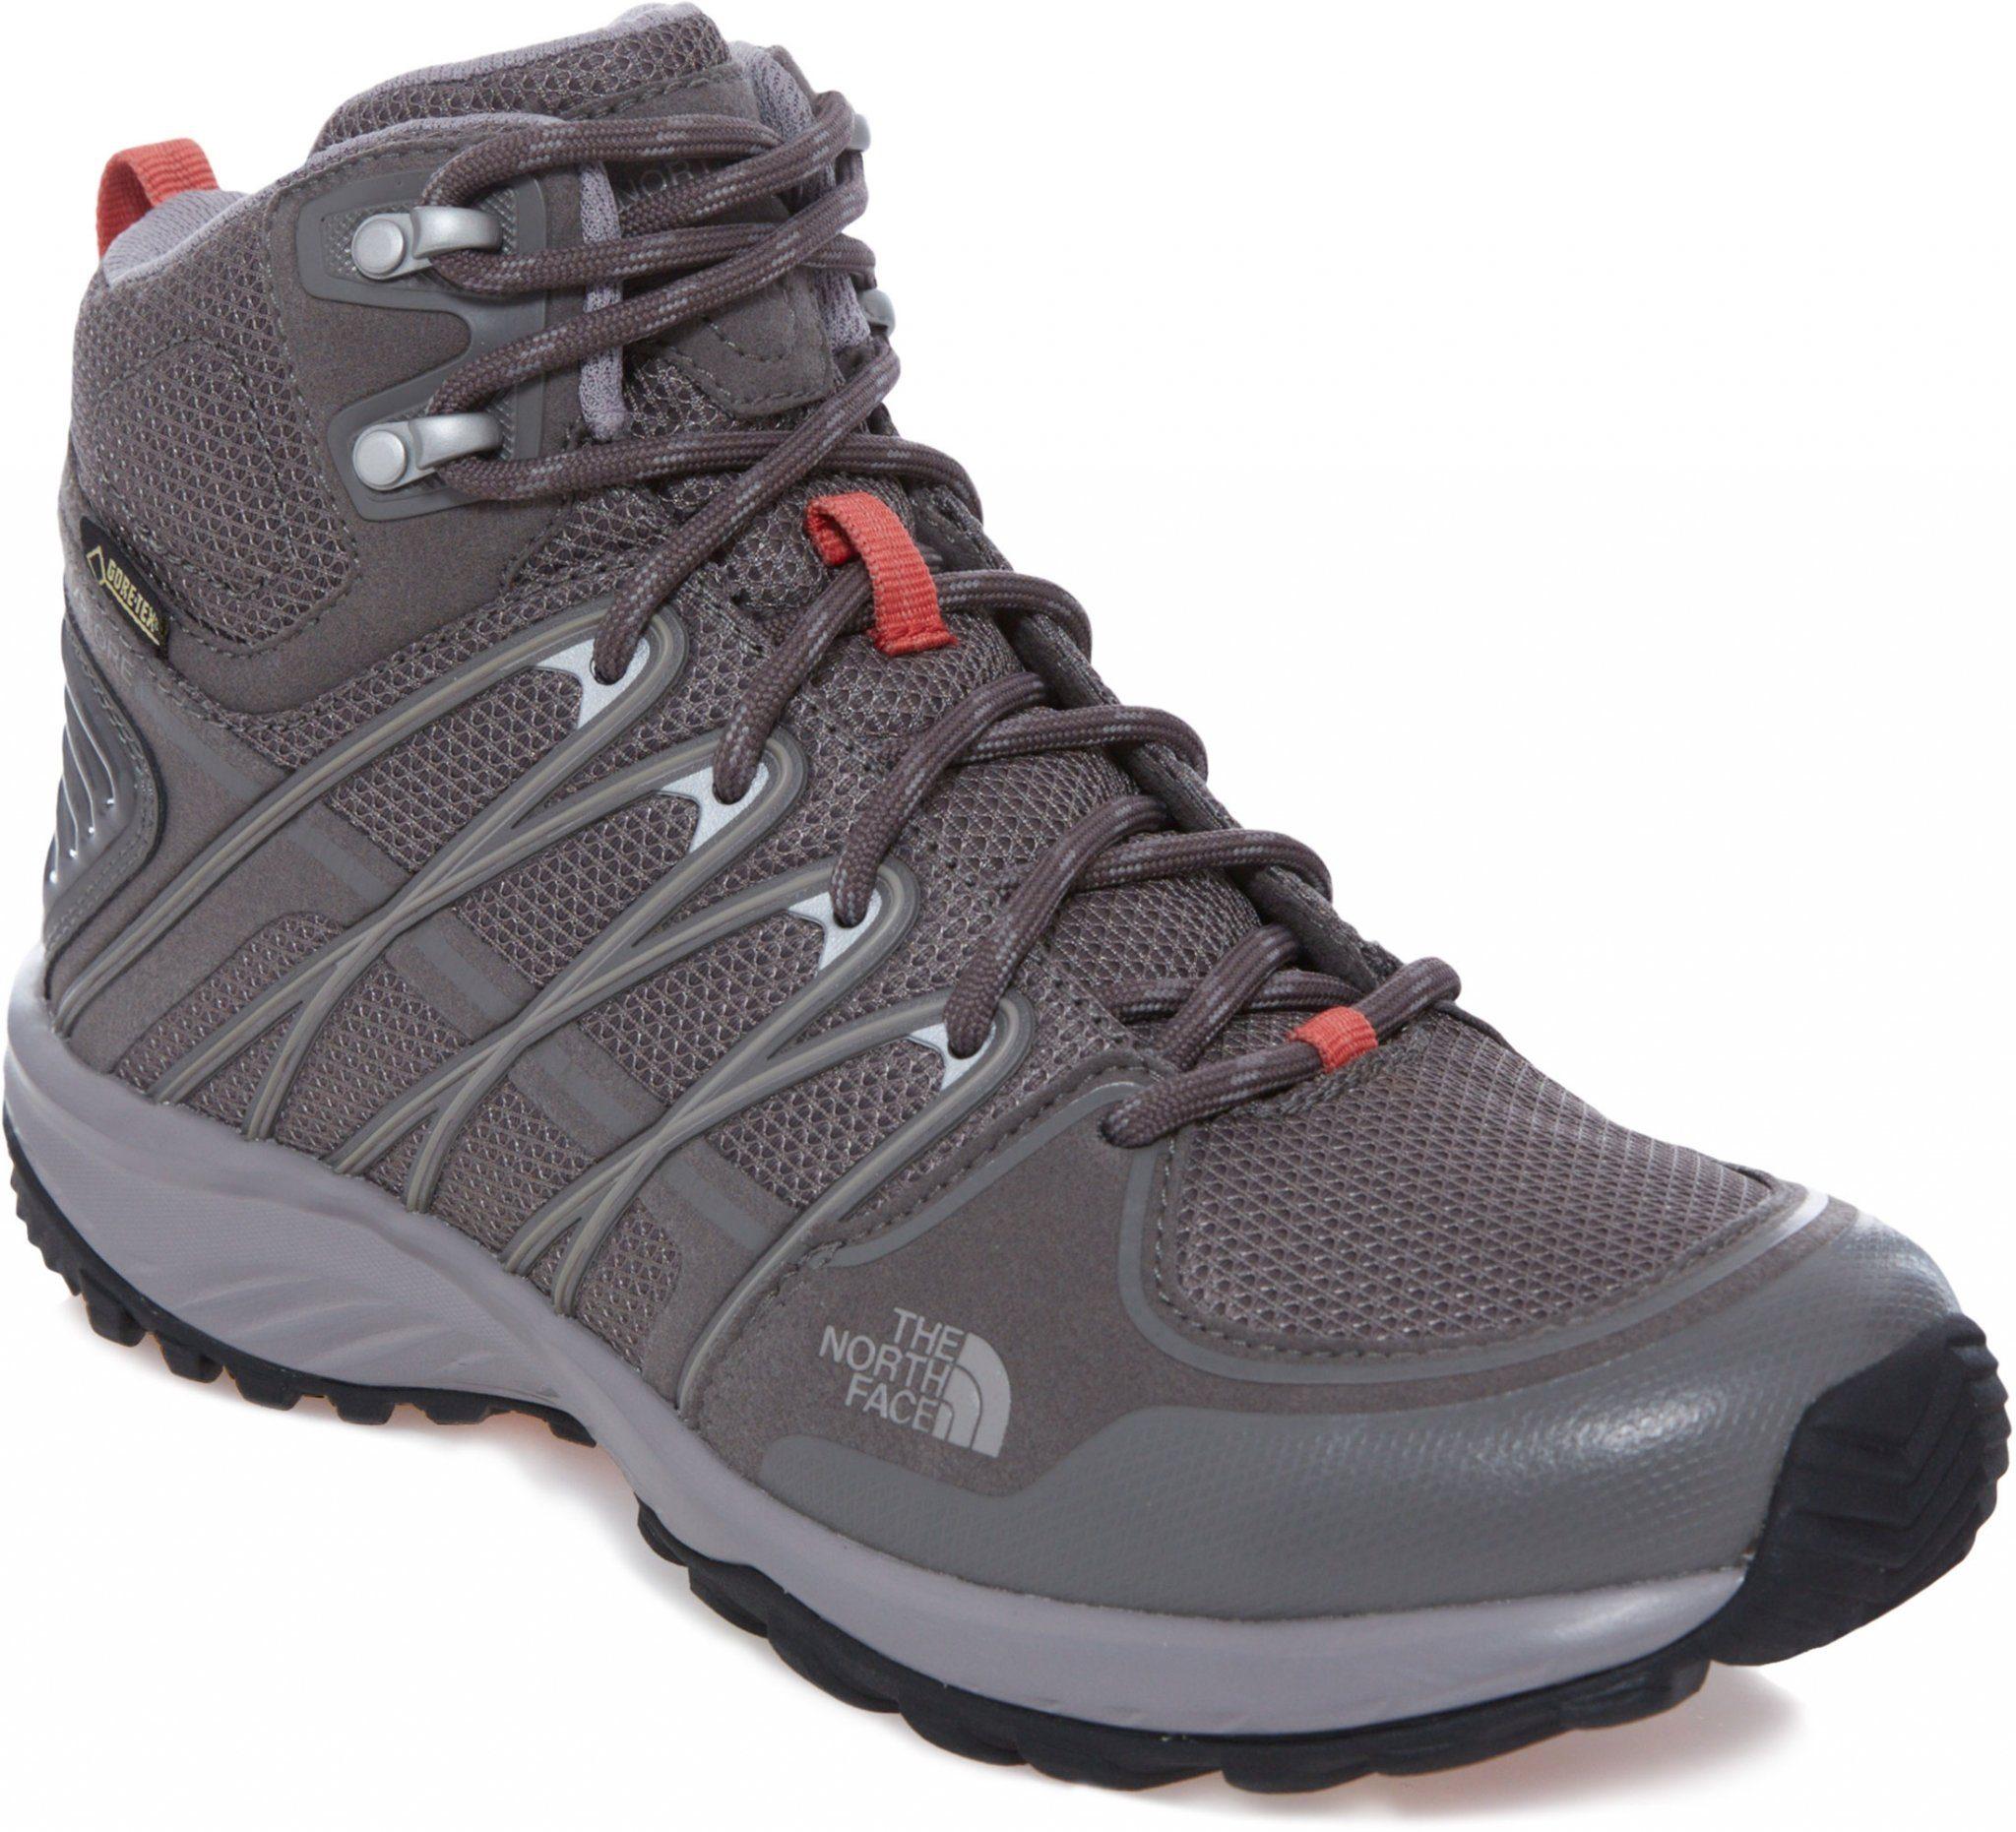 The North Face Kletterschuh »Litewave Explore Mid GTX Shoes Women«